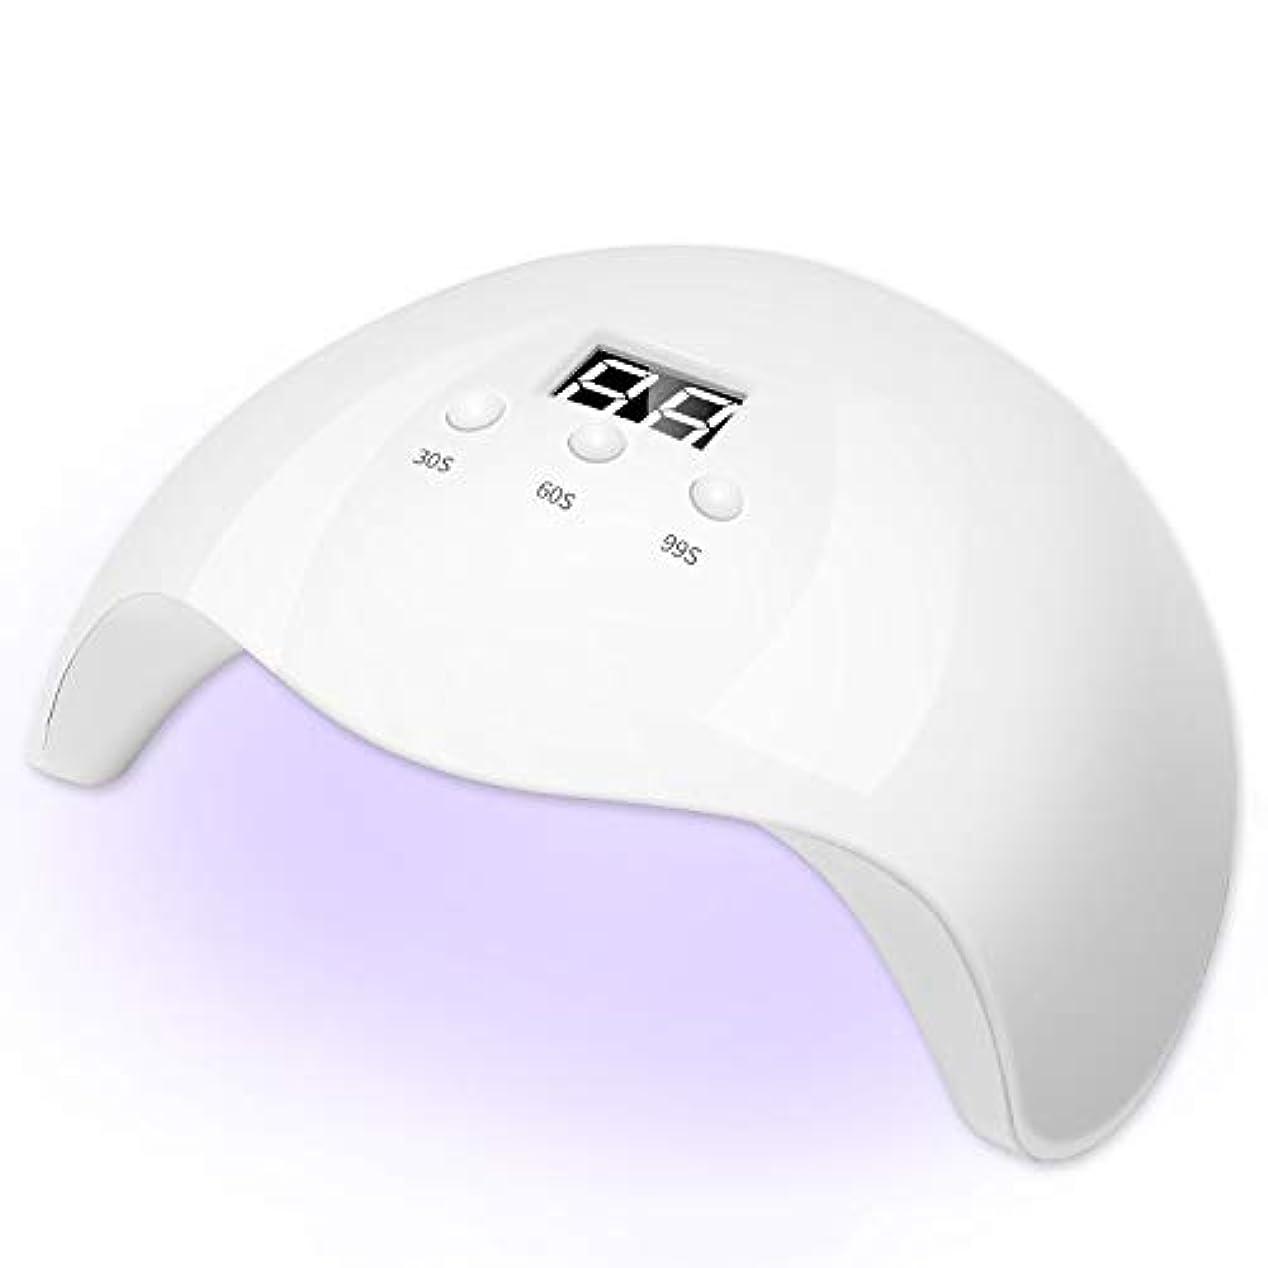 歩く汗倒錯ゲルネイルポリッシュと足の爪の硬化と自動センサーのための36W UV LEDネイルドライヤー速硬化ランプ